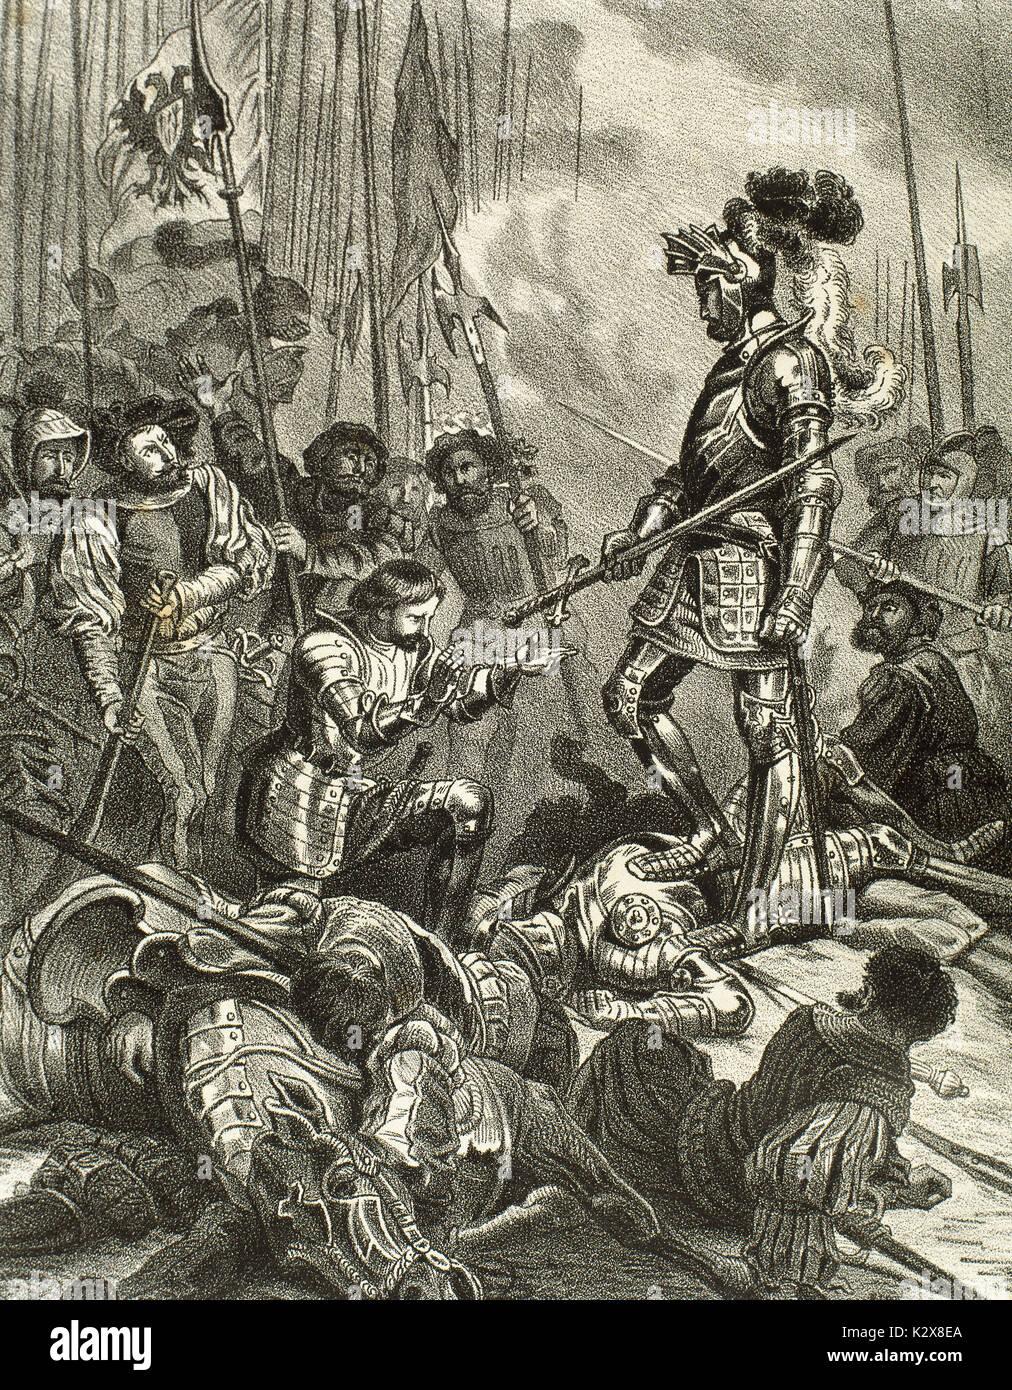 Die Schlacht von Pavia. Am 24. Februar 1525 zwischen der französischen Armee unter König Franz I. (1494-1547) und deutsch-spanischen Truppen von Kaiser Karl V. (1500-1558), der die Schlacht gewonnen. Franz I. von Frankreich hat Gefangene nach seiner Niederlage. Gravur. Stockbild